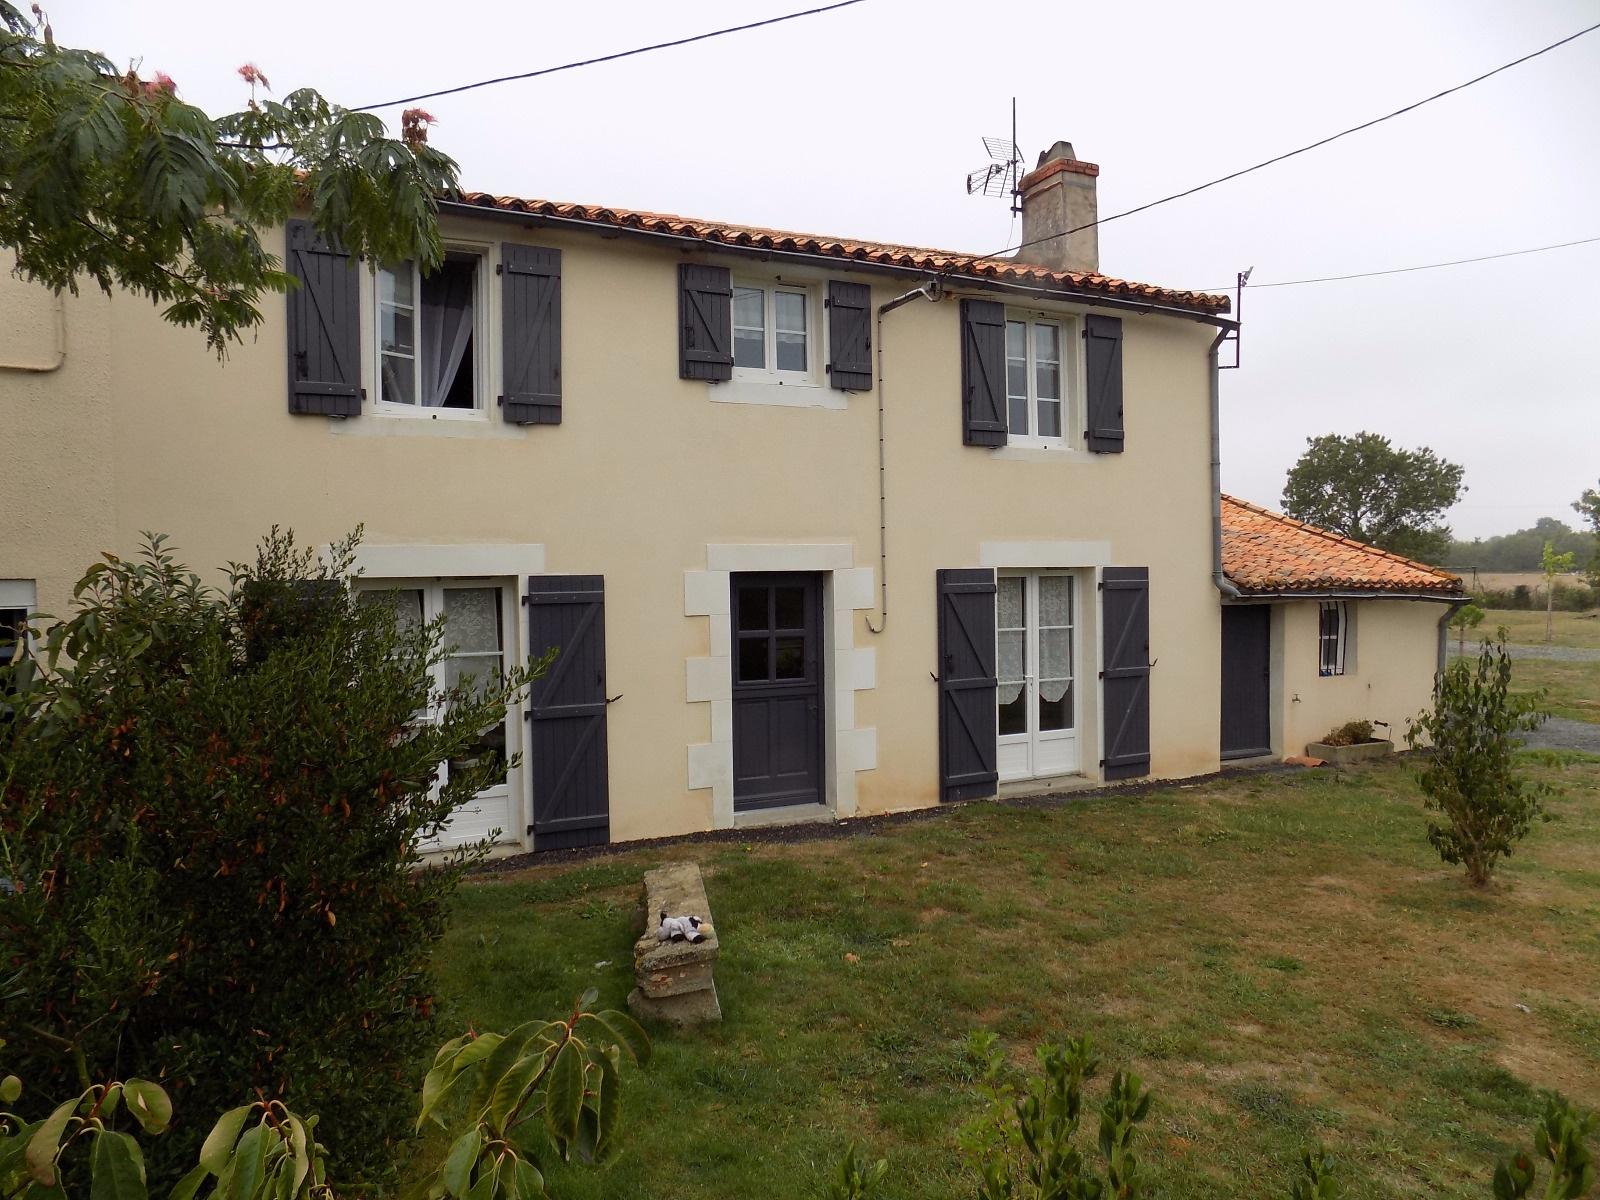 Vente maison ancienne r nov e a vendre louin - Maison ancienne renovee ...